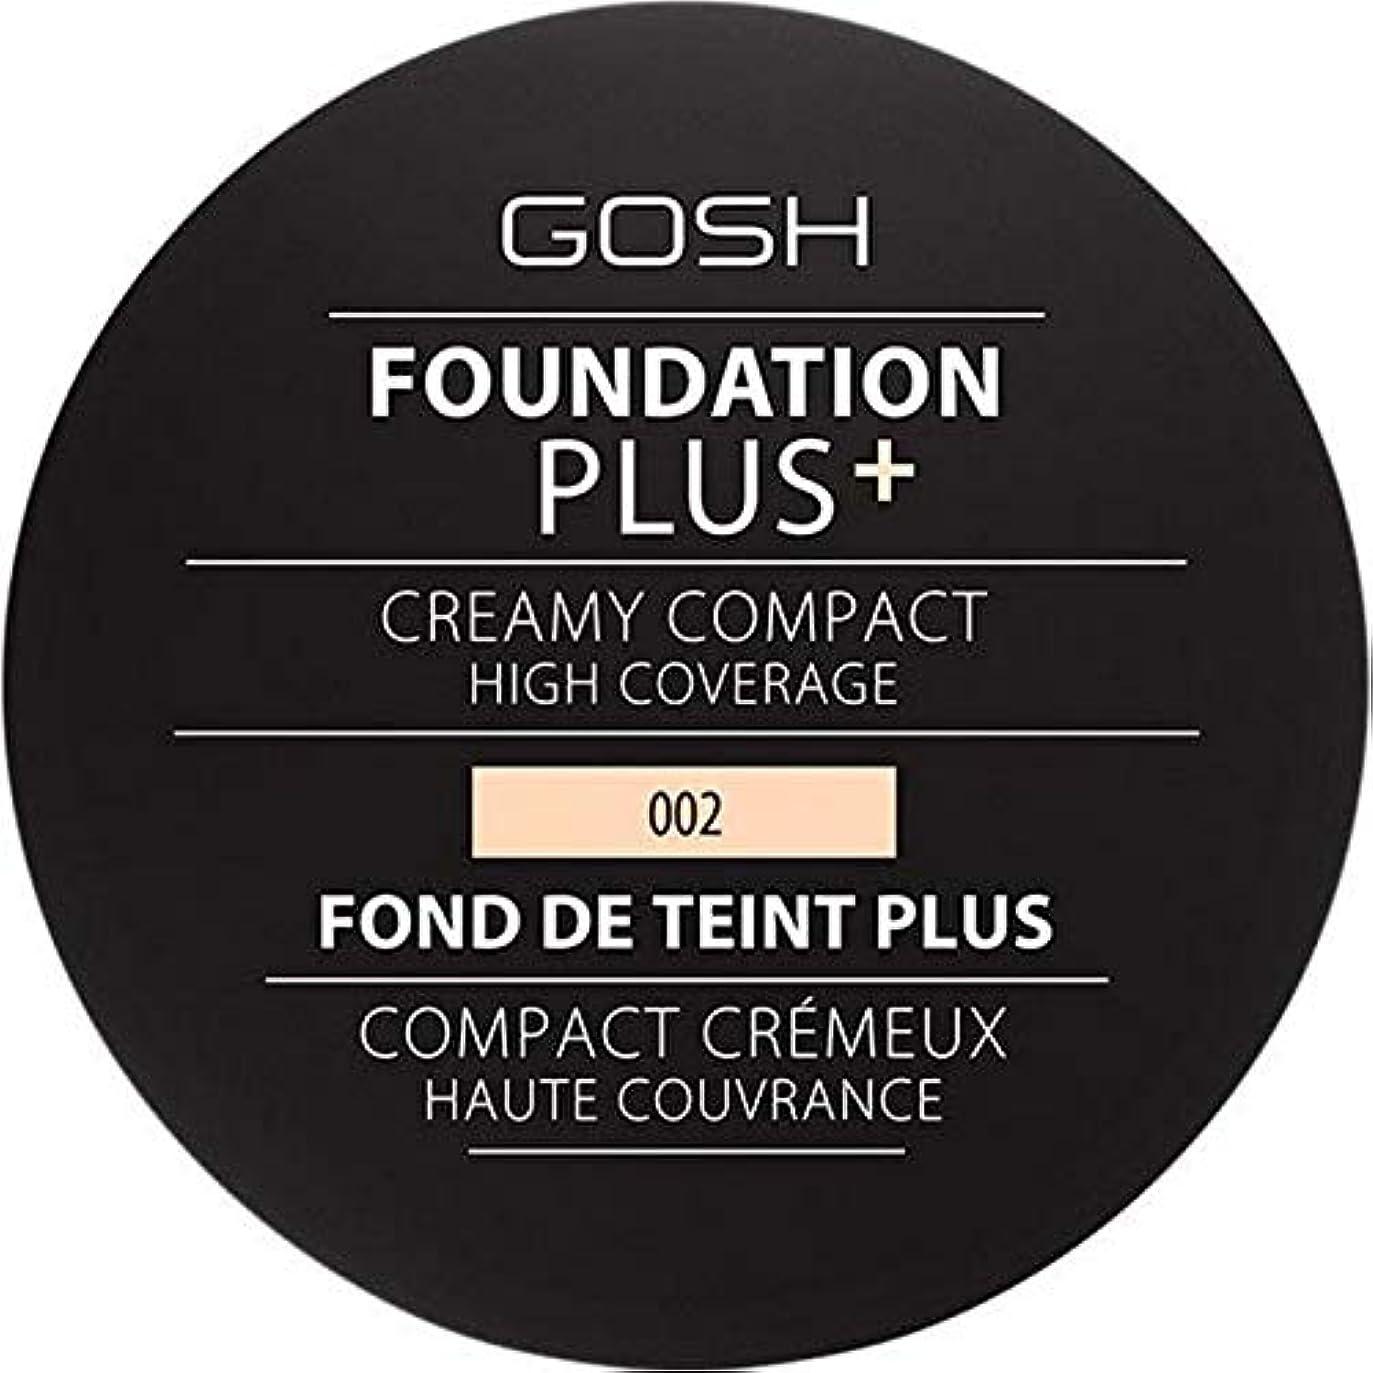 見込みギャロップ感動する[GOSH ] 基礎プラス+クリーミーコンパクトアイボリー002 - Foundation Plus+ Creamy Compact Ivory 002 [並行輸入品]